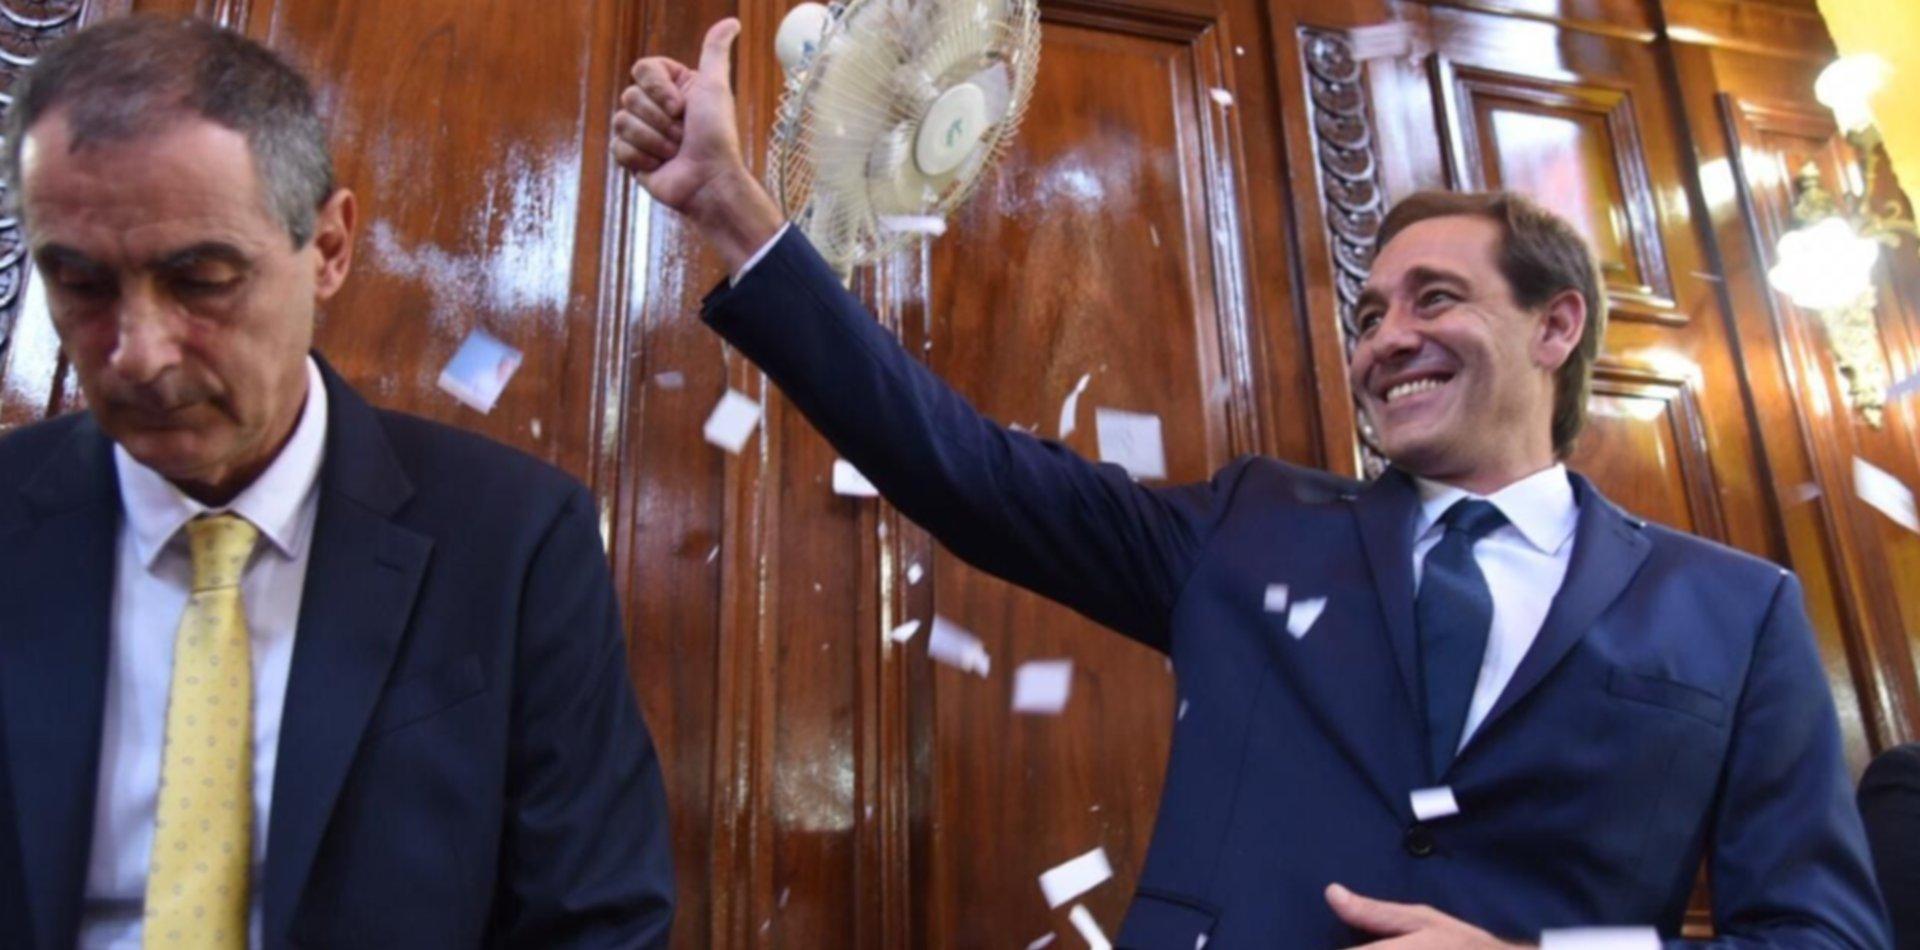 Garro asume el segundo mandato y juran los doce concejales electos